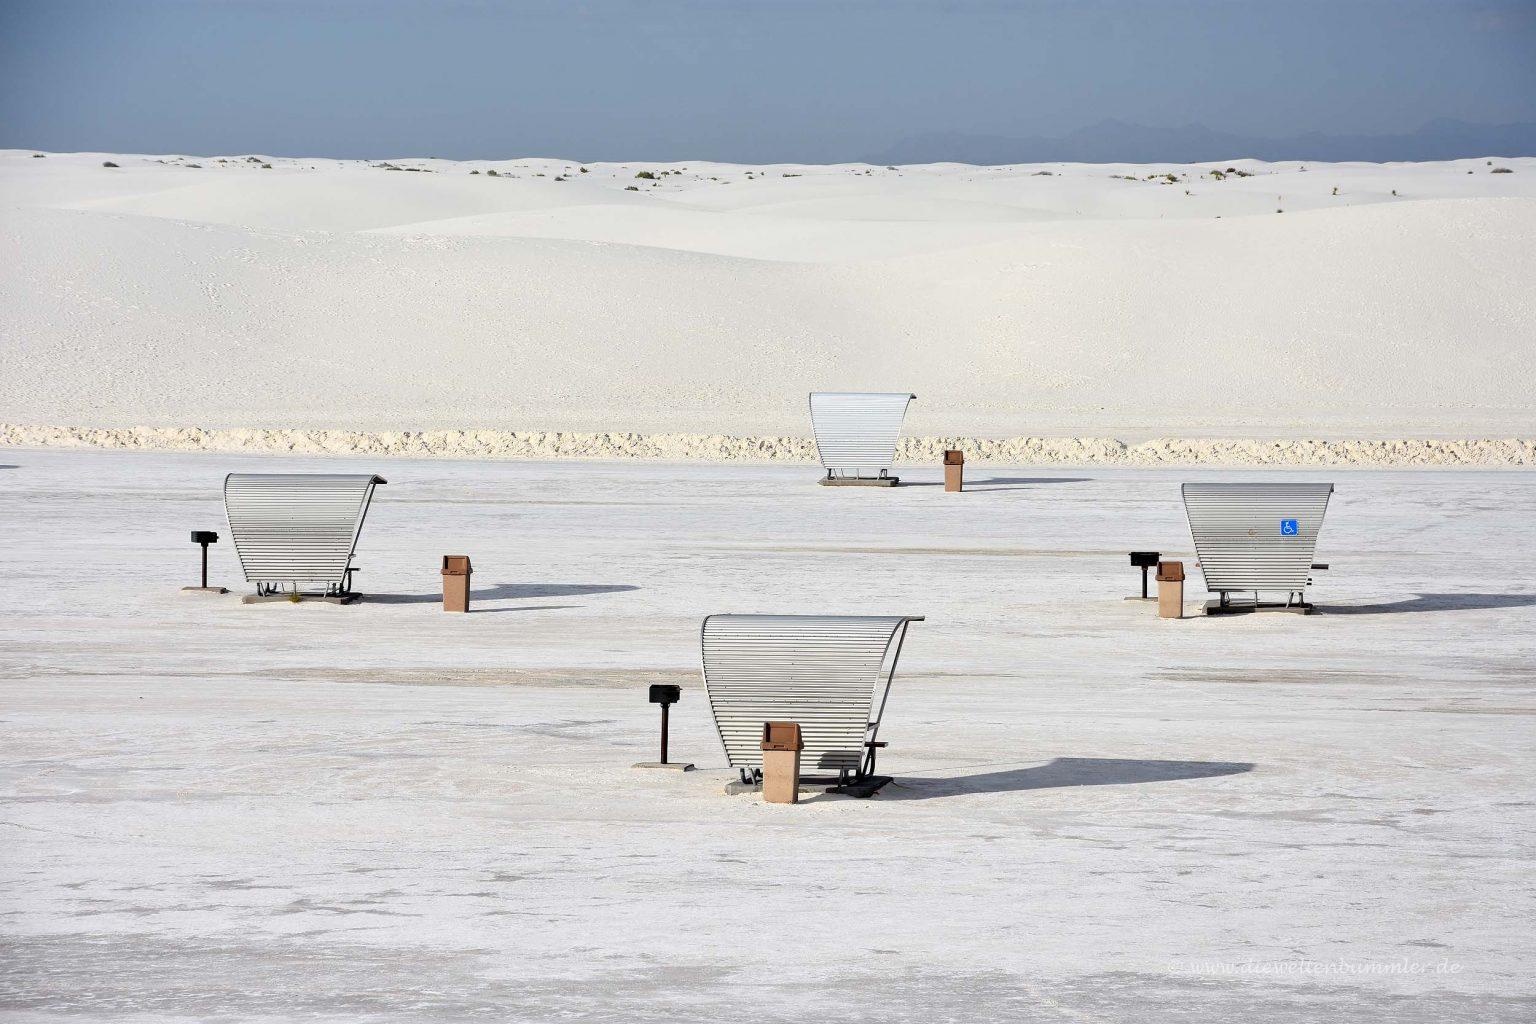 Rastplatz im White Sands